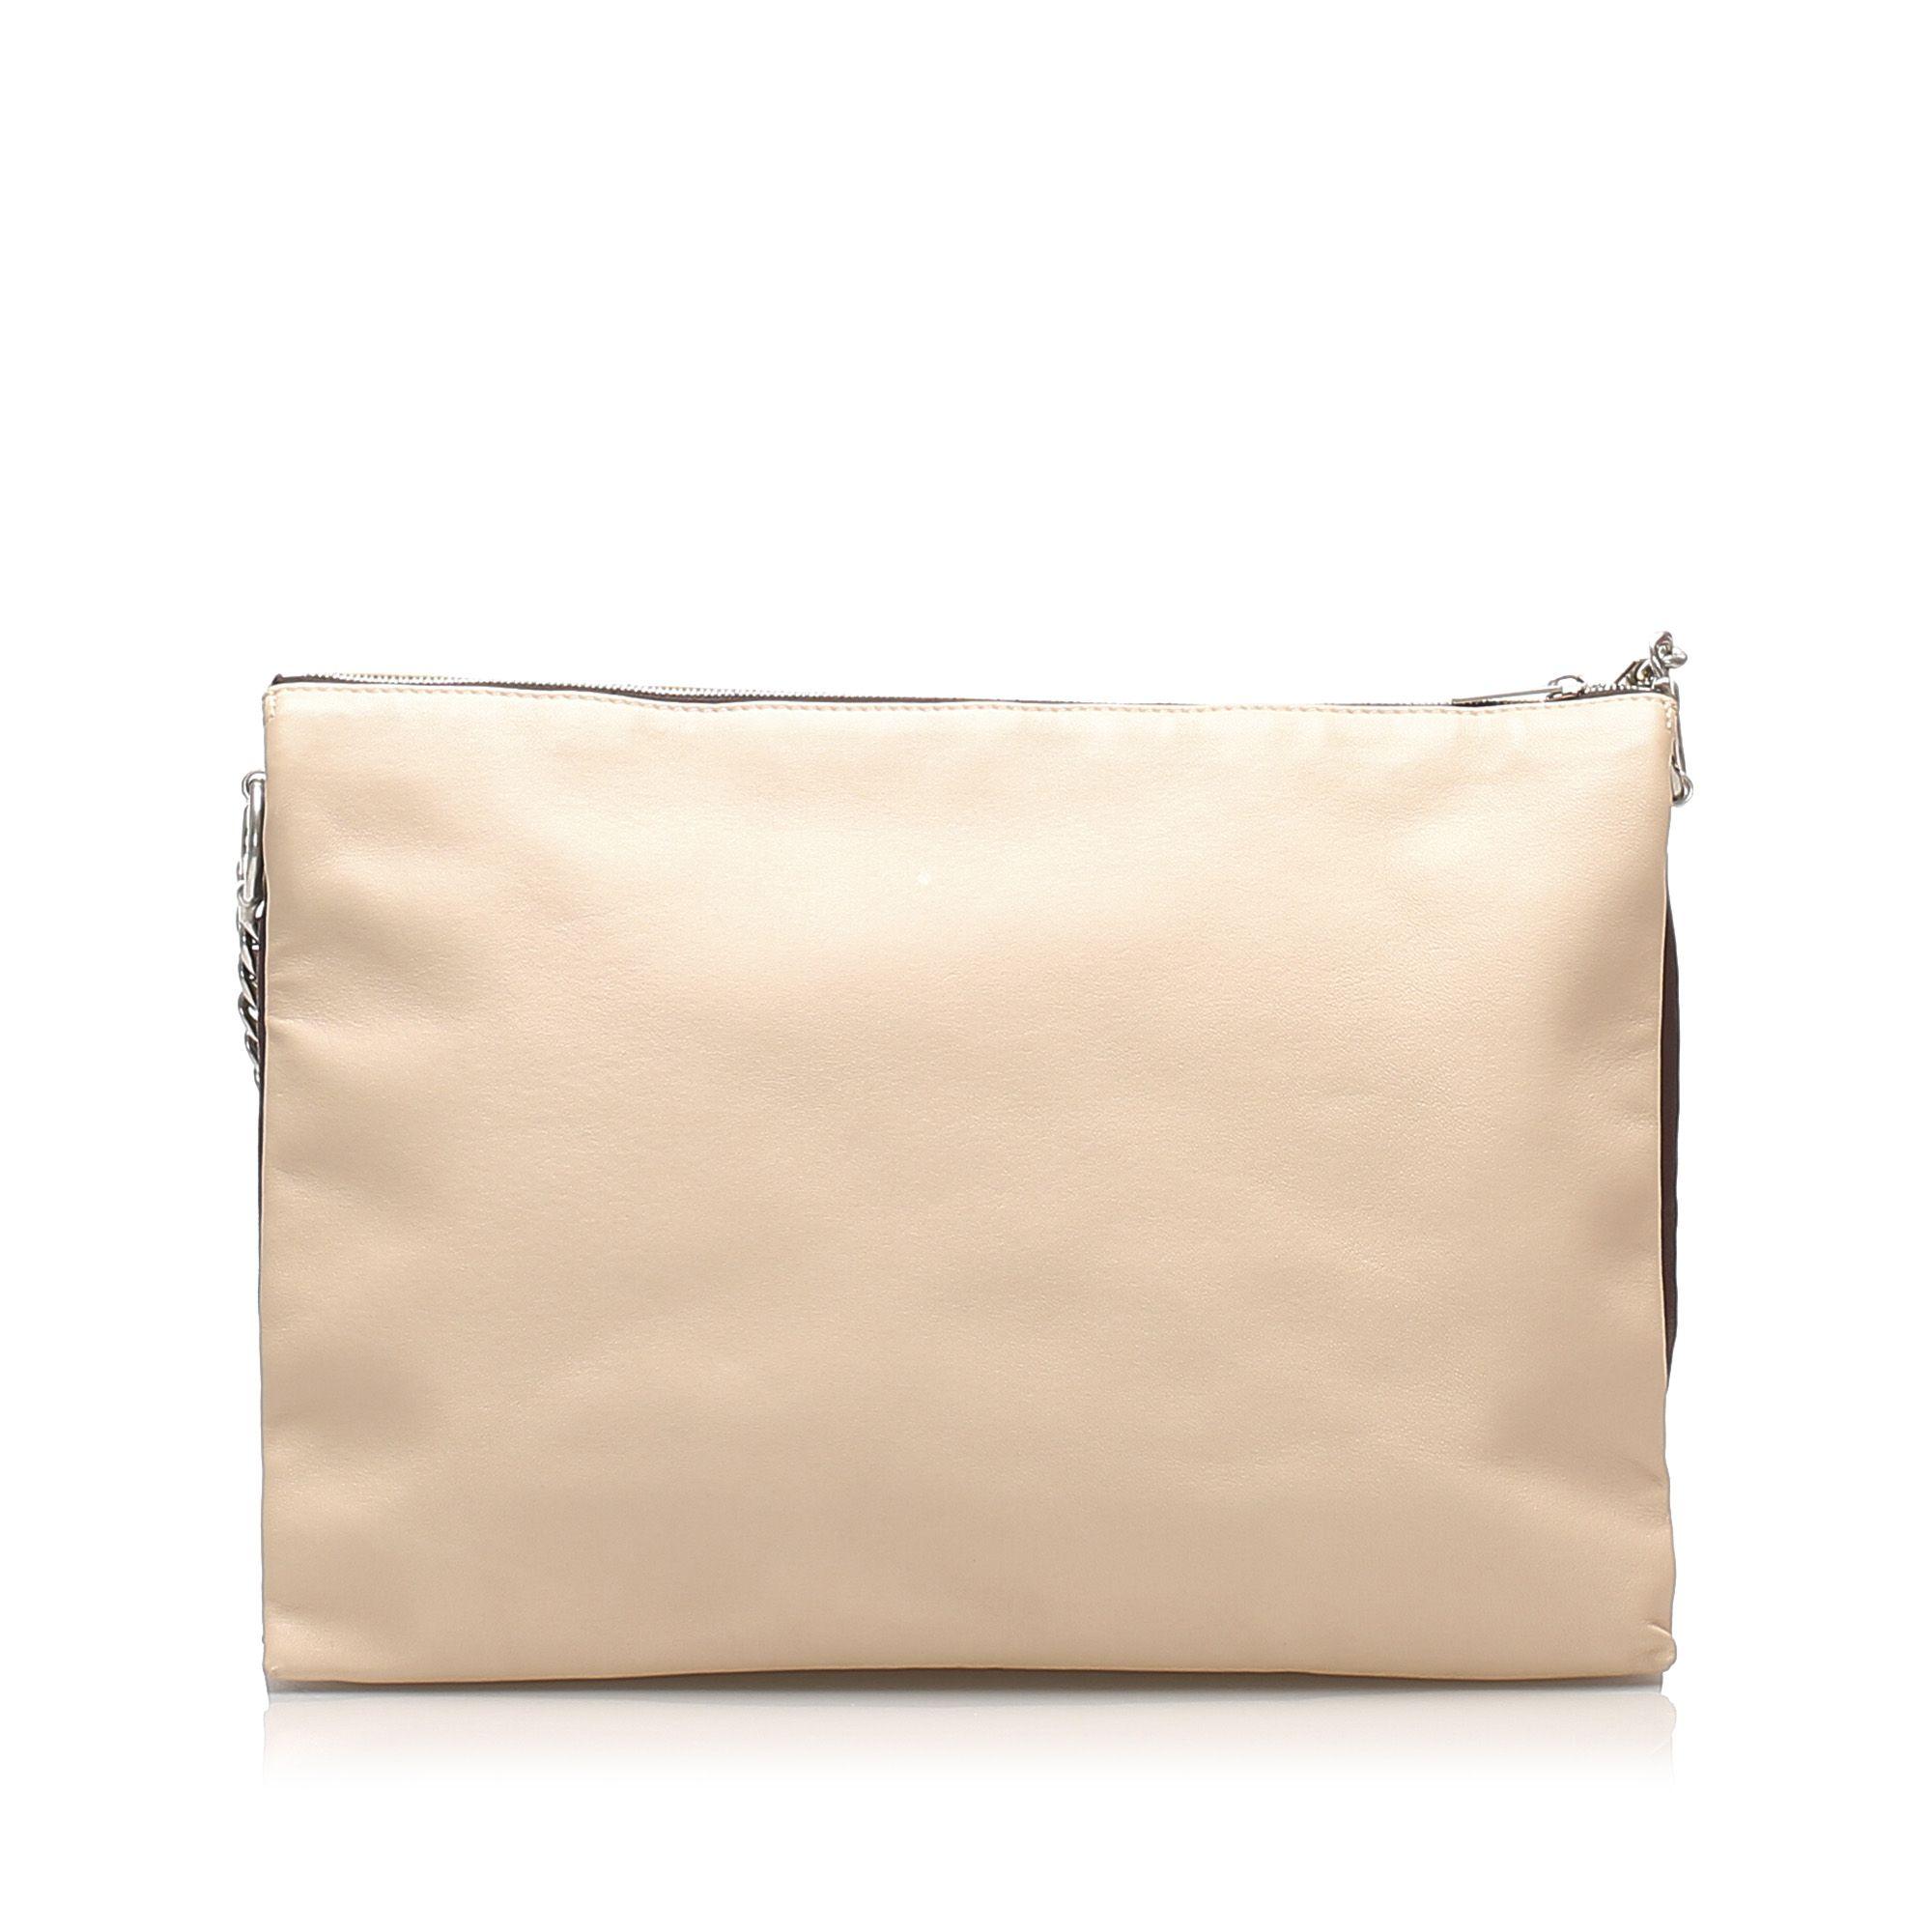 Vintage Celine Trio Chain Leather Shoulder Bag Brown